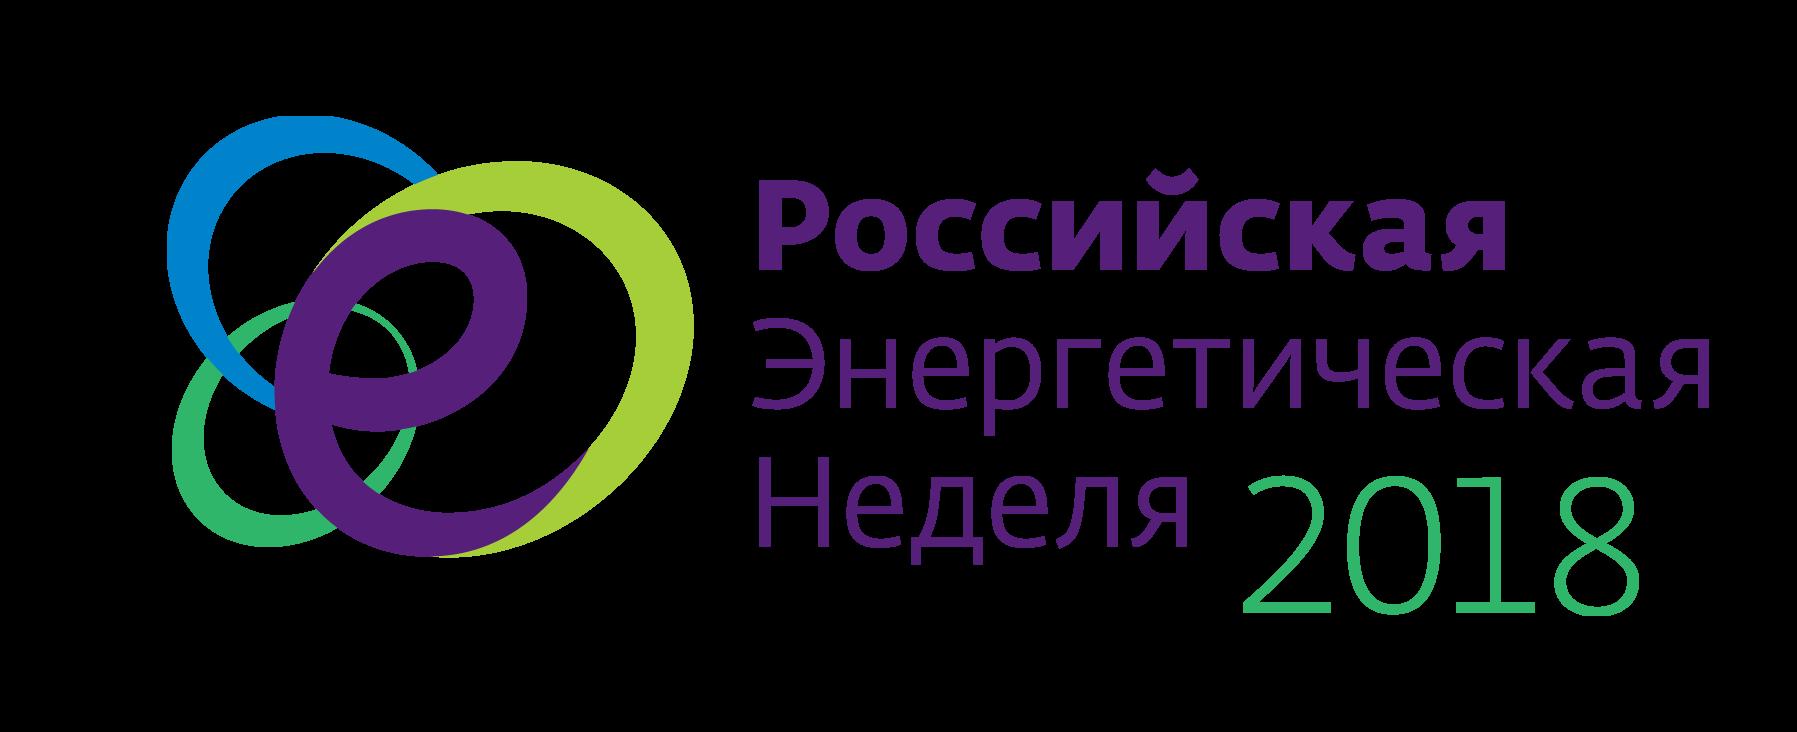 https://www.yeabrics.org/wp-content/uploads/2018/03/REW_logo_OK_RU_horiz_2018-1-2.png